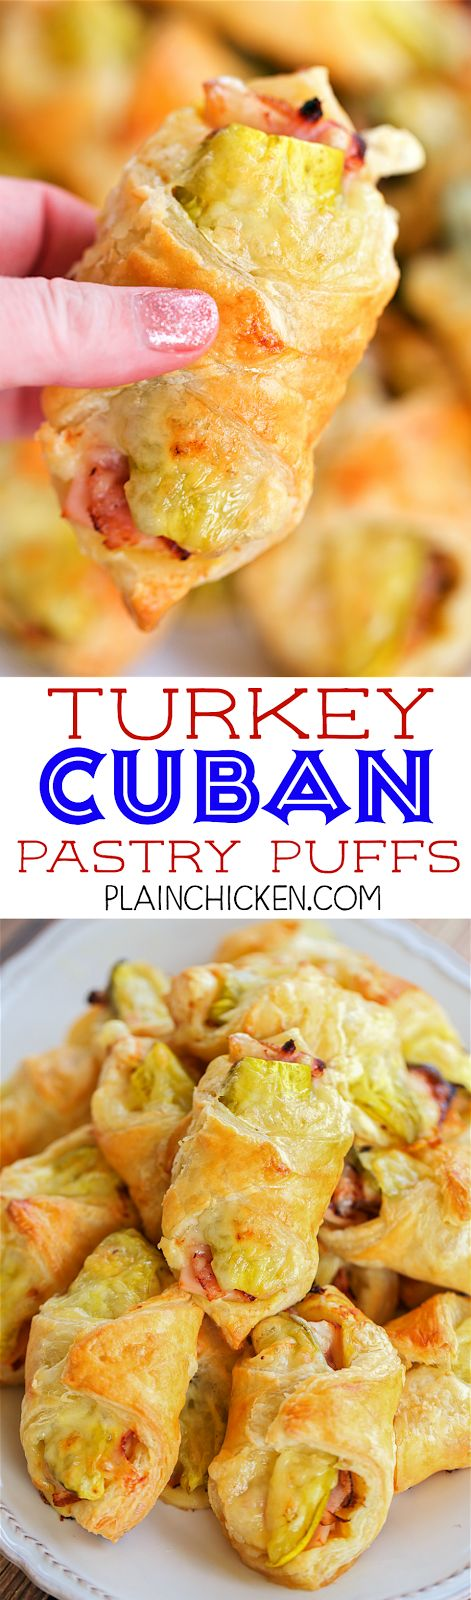 Pasteles Puffs de pavo cubanos - una gran manera de utilizar hasta las sobras de pavo!  ¡Tan delicioso!  hojaldre rellena con mostaza, pavo, jamón, queso suizo y pepinillos.  Puede hacer con anticipación y congelar sin hornear.  Grande para los partidos, chupar rueda, almuerzo o cena.  Estos sabor fantástico!